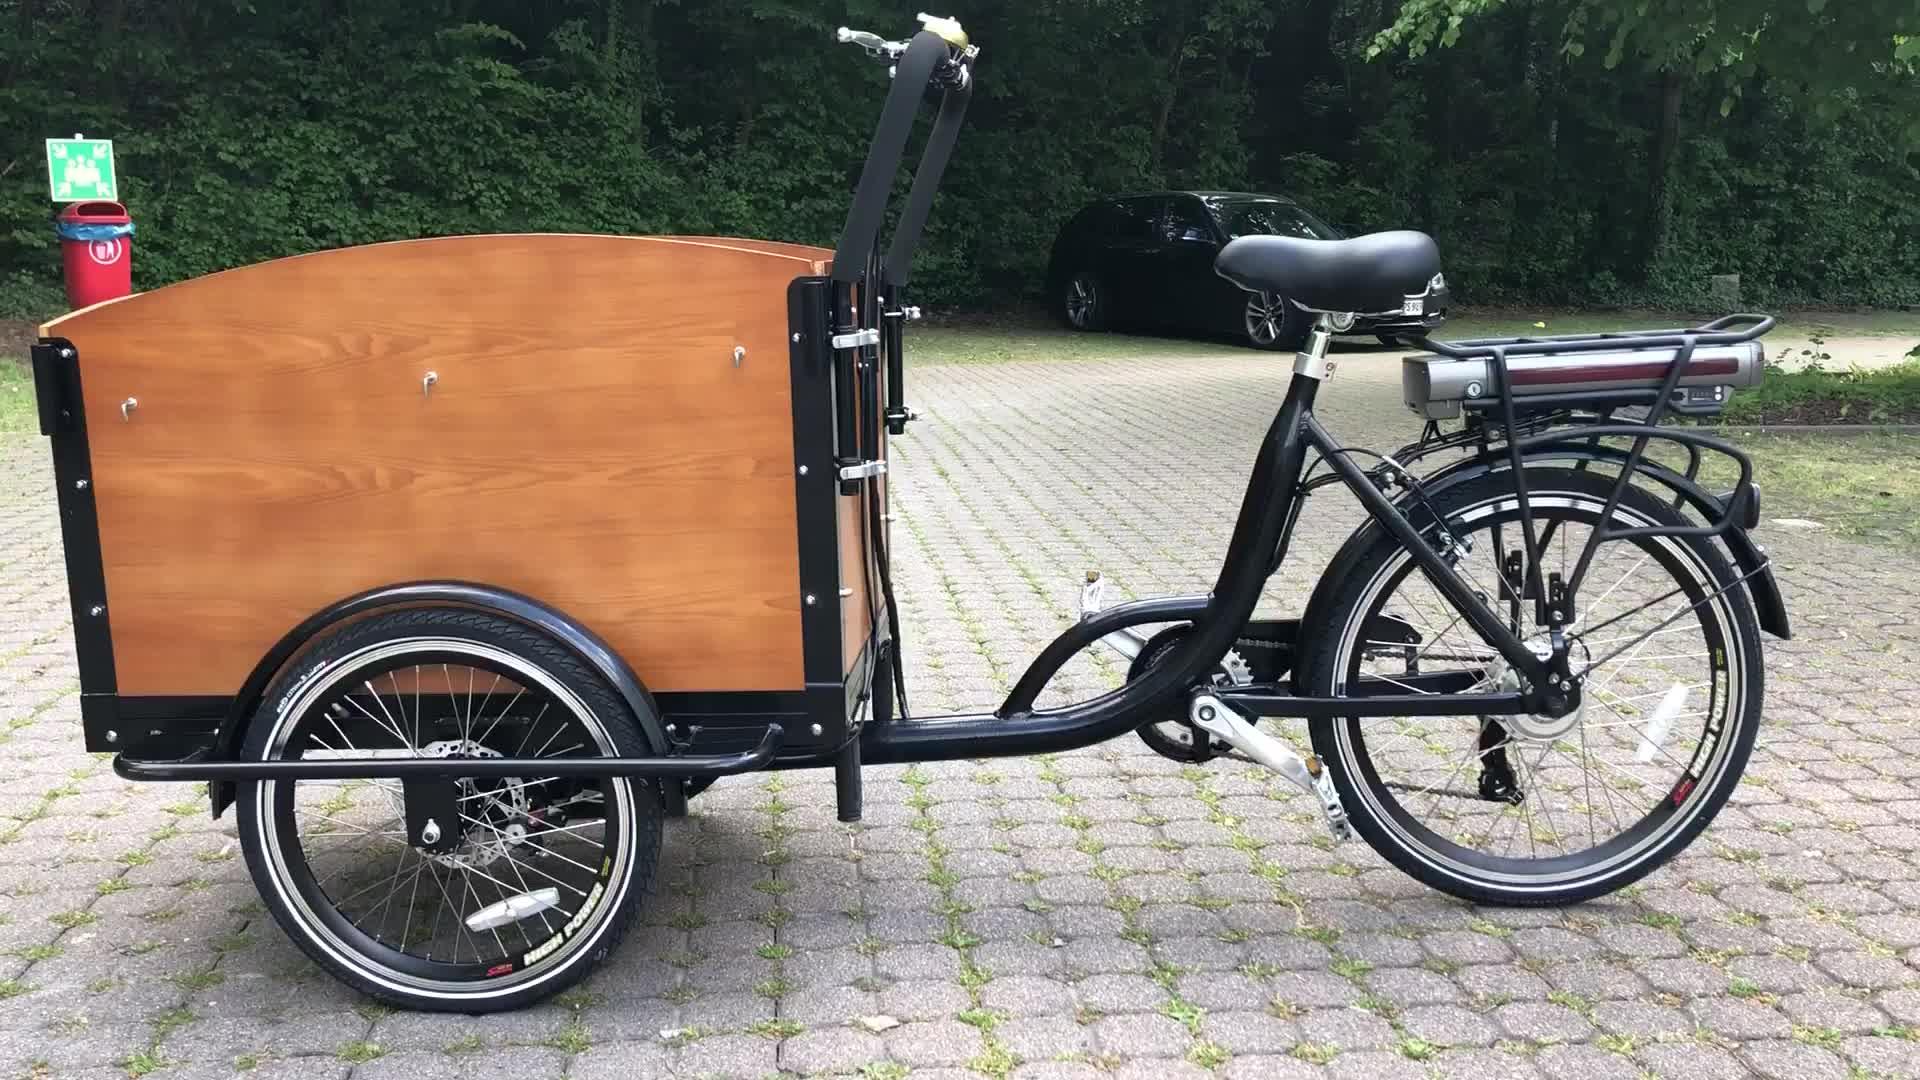 Keranjang Belanja Sepeda Listrik Roda 3 Roda, Pembawa Bahan Bakar Sepeda Kargo Elektrik, Membantu Pedal Sepeda Gunung